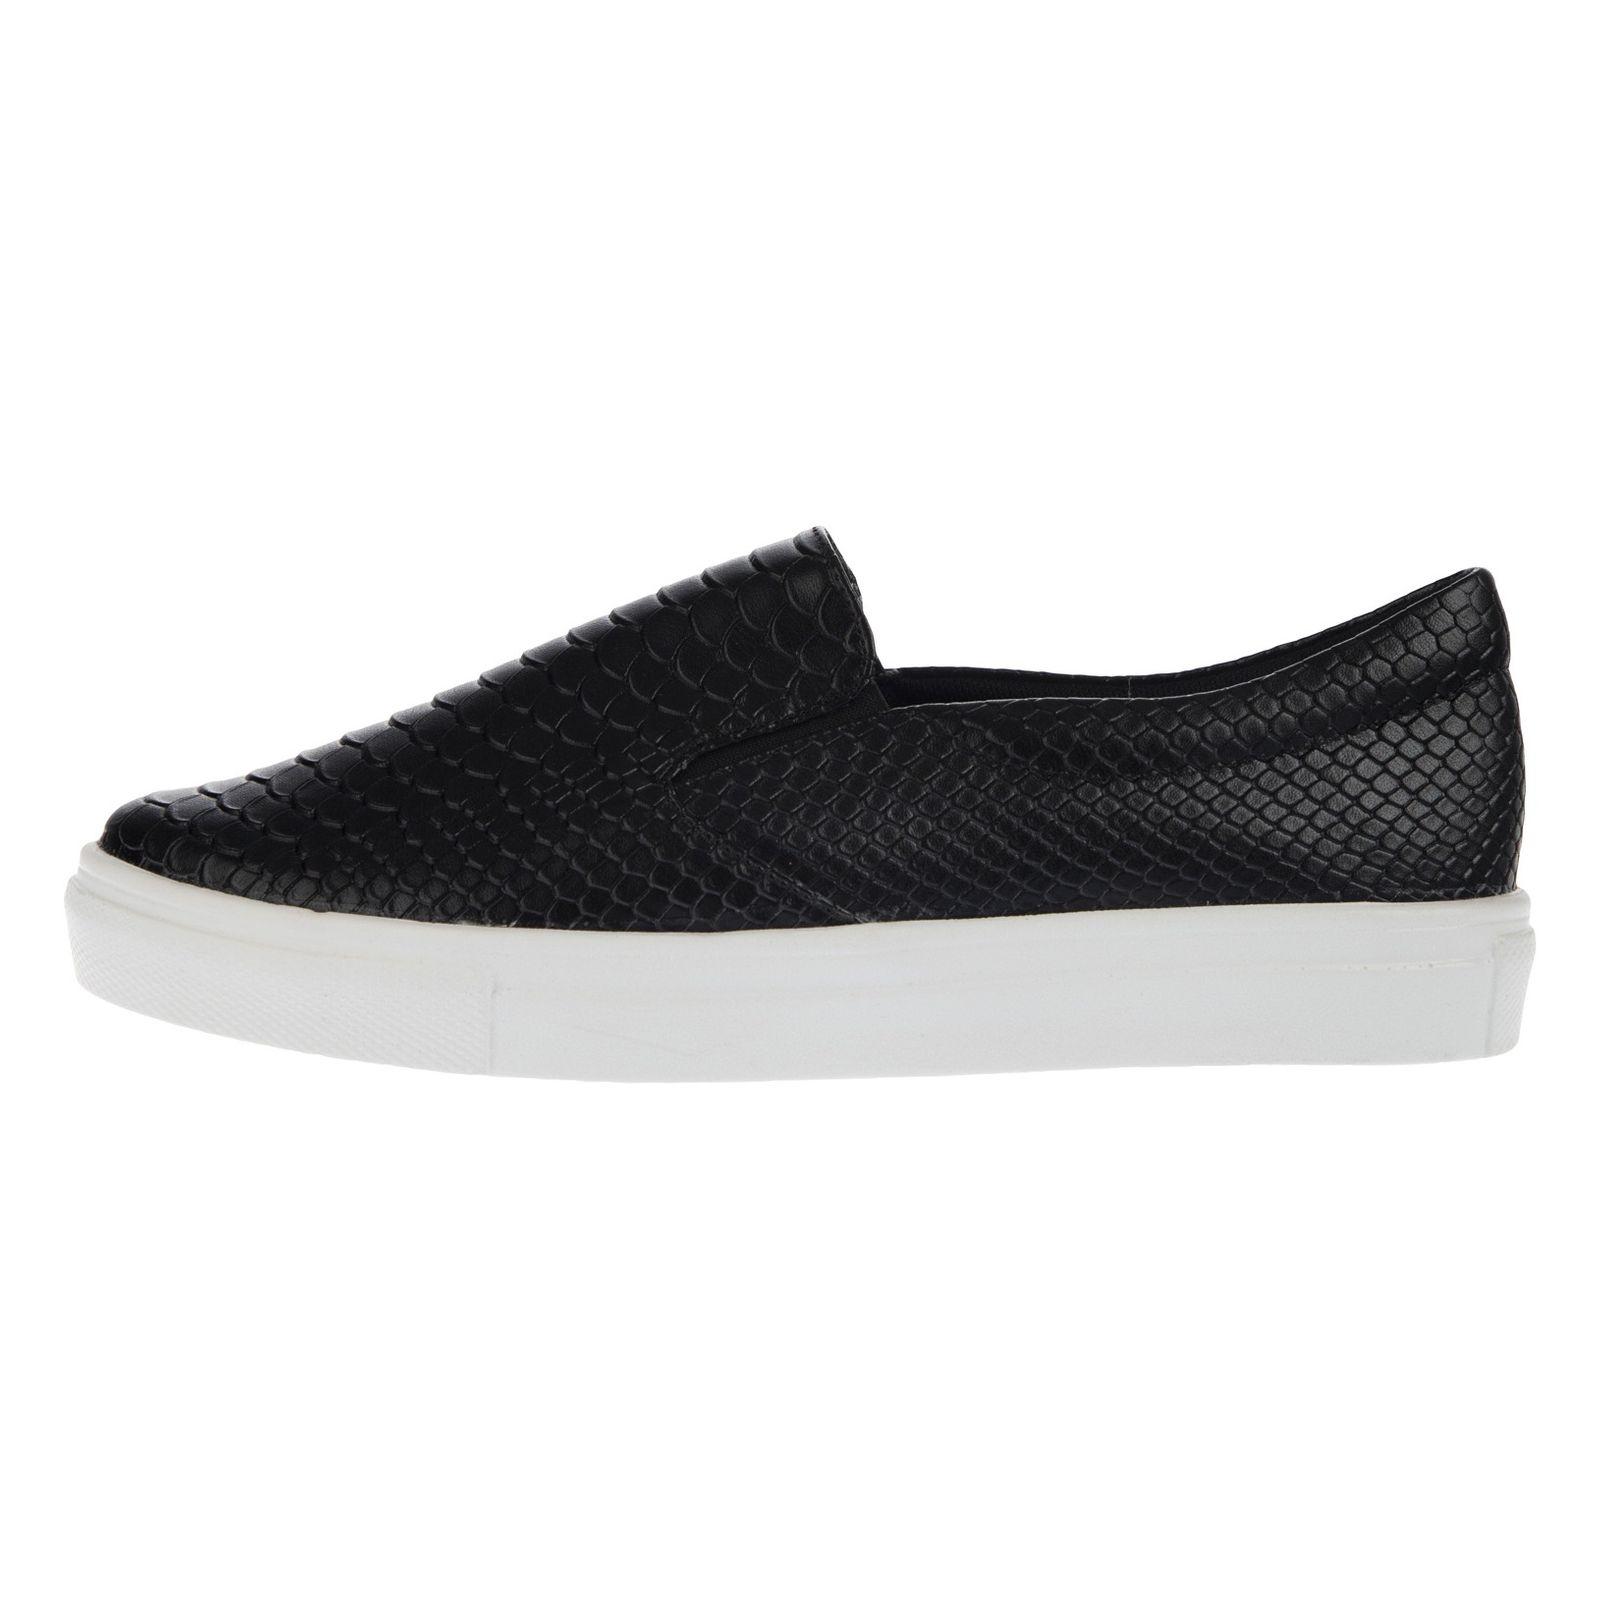 کفش تخت زنانه ام تو مدل 316-0001 -  - 1